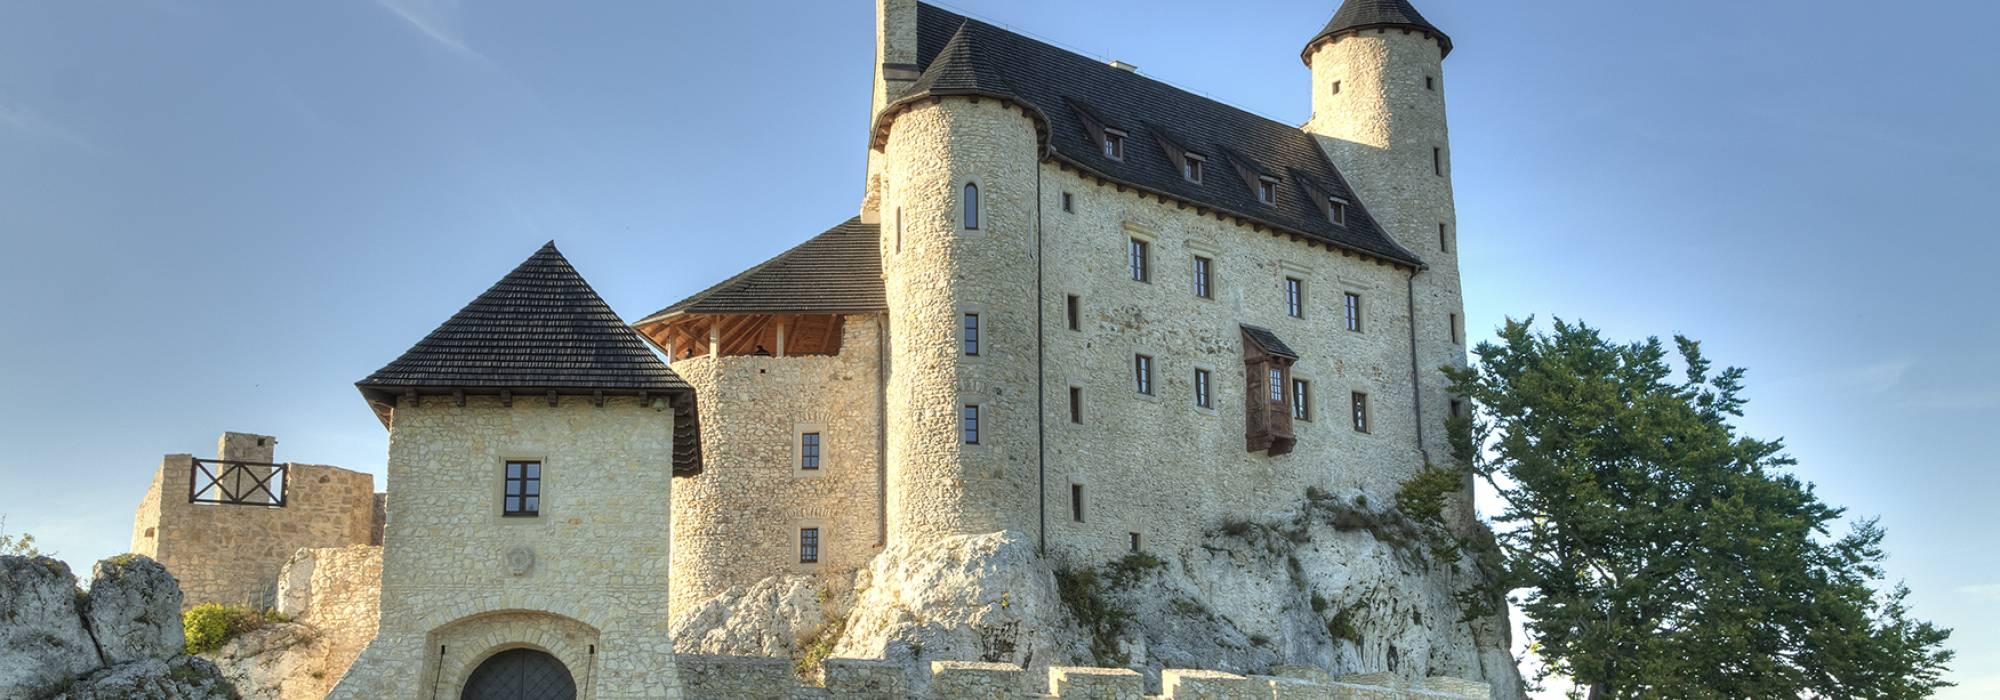 Voivodato Della Slesia Polonia castello di bobolice in polonia - voivodato della slesia